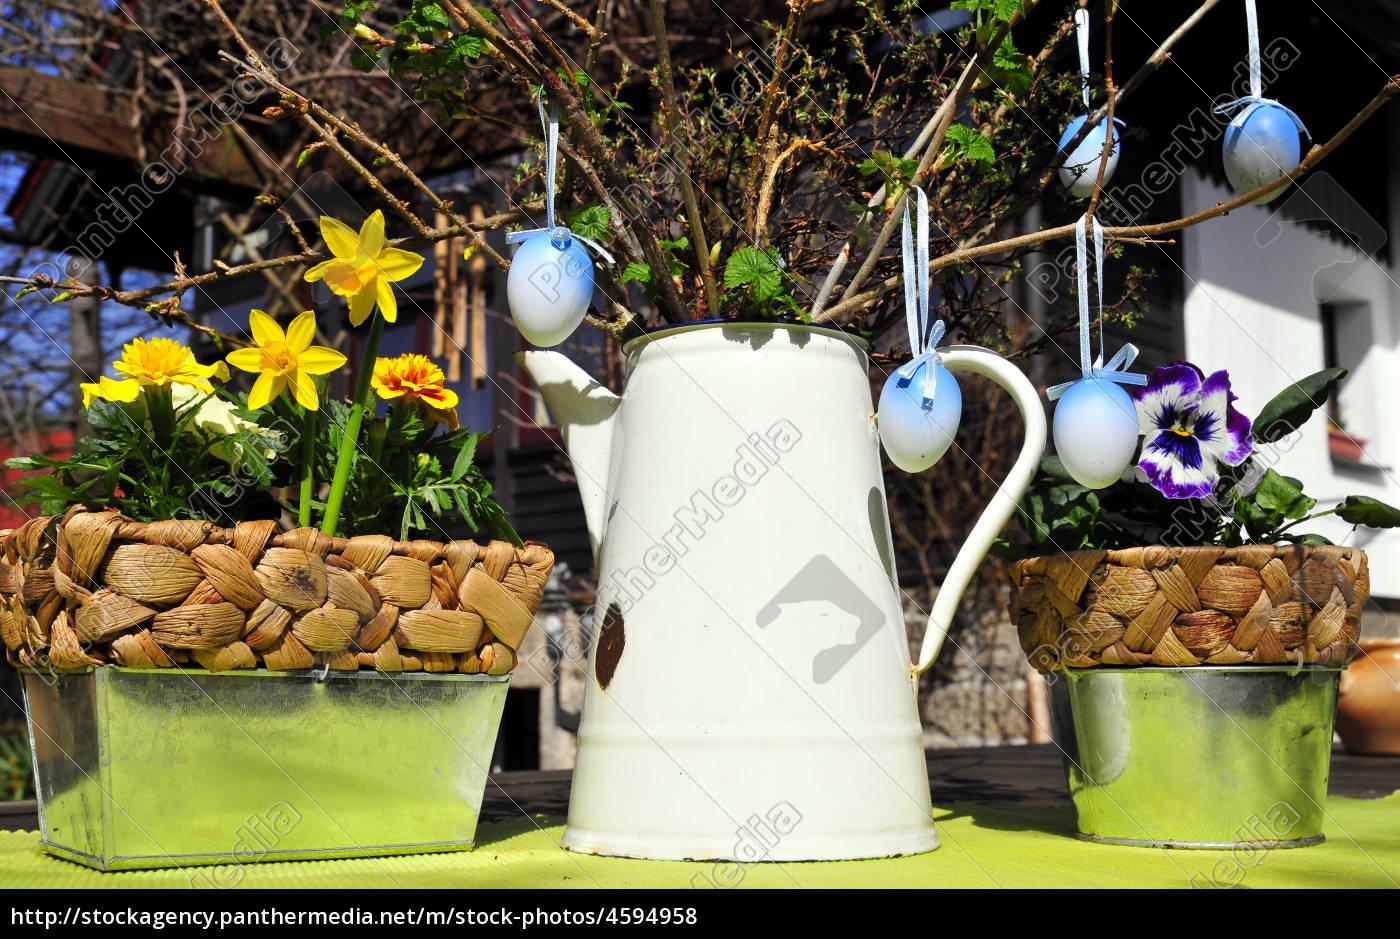 Dekoration Ostern.Stock Bild 4594958 Garten Dekoration Ostern